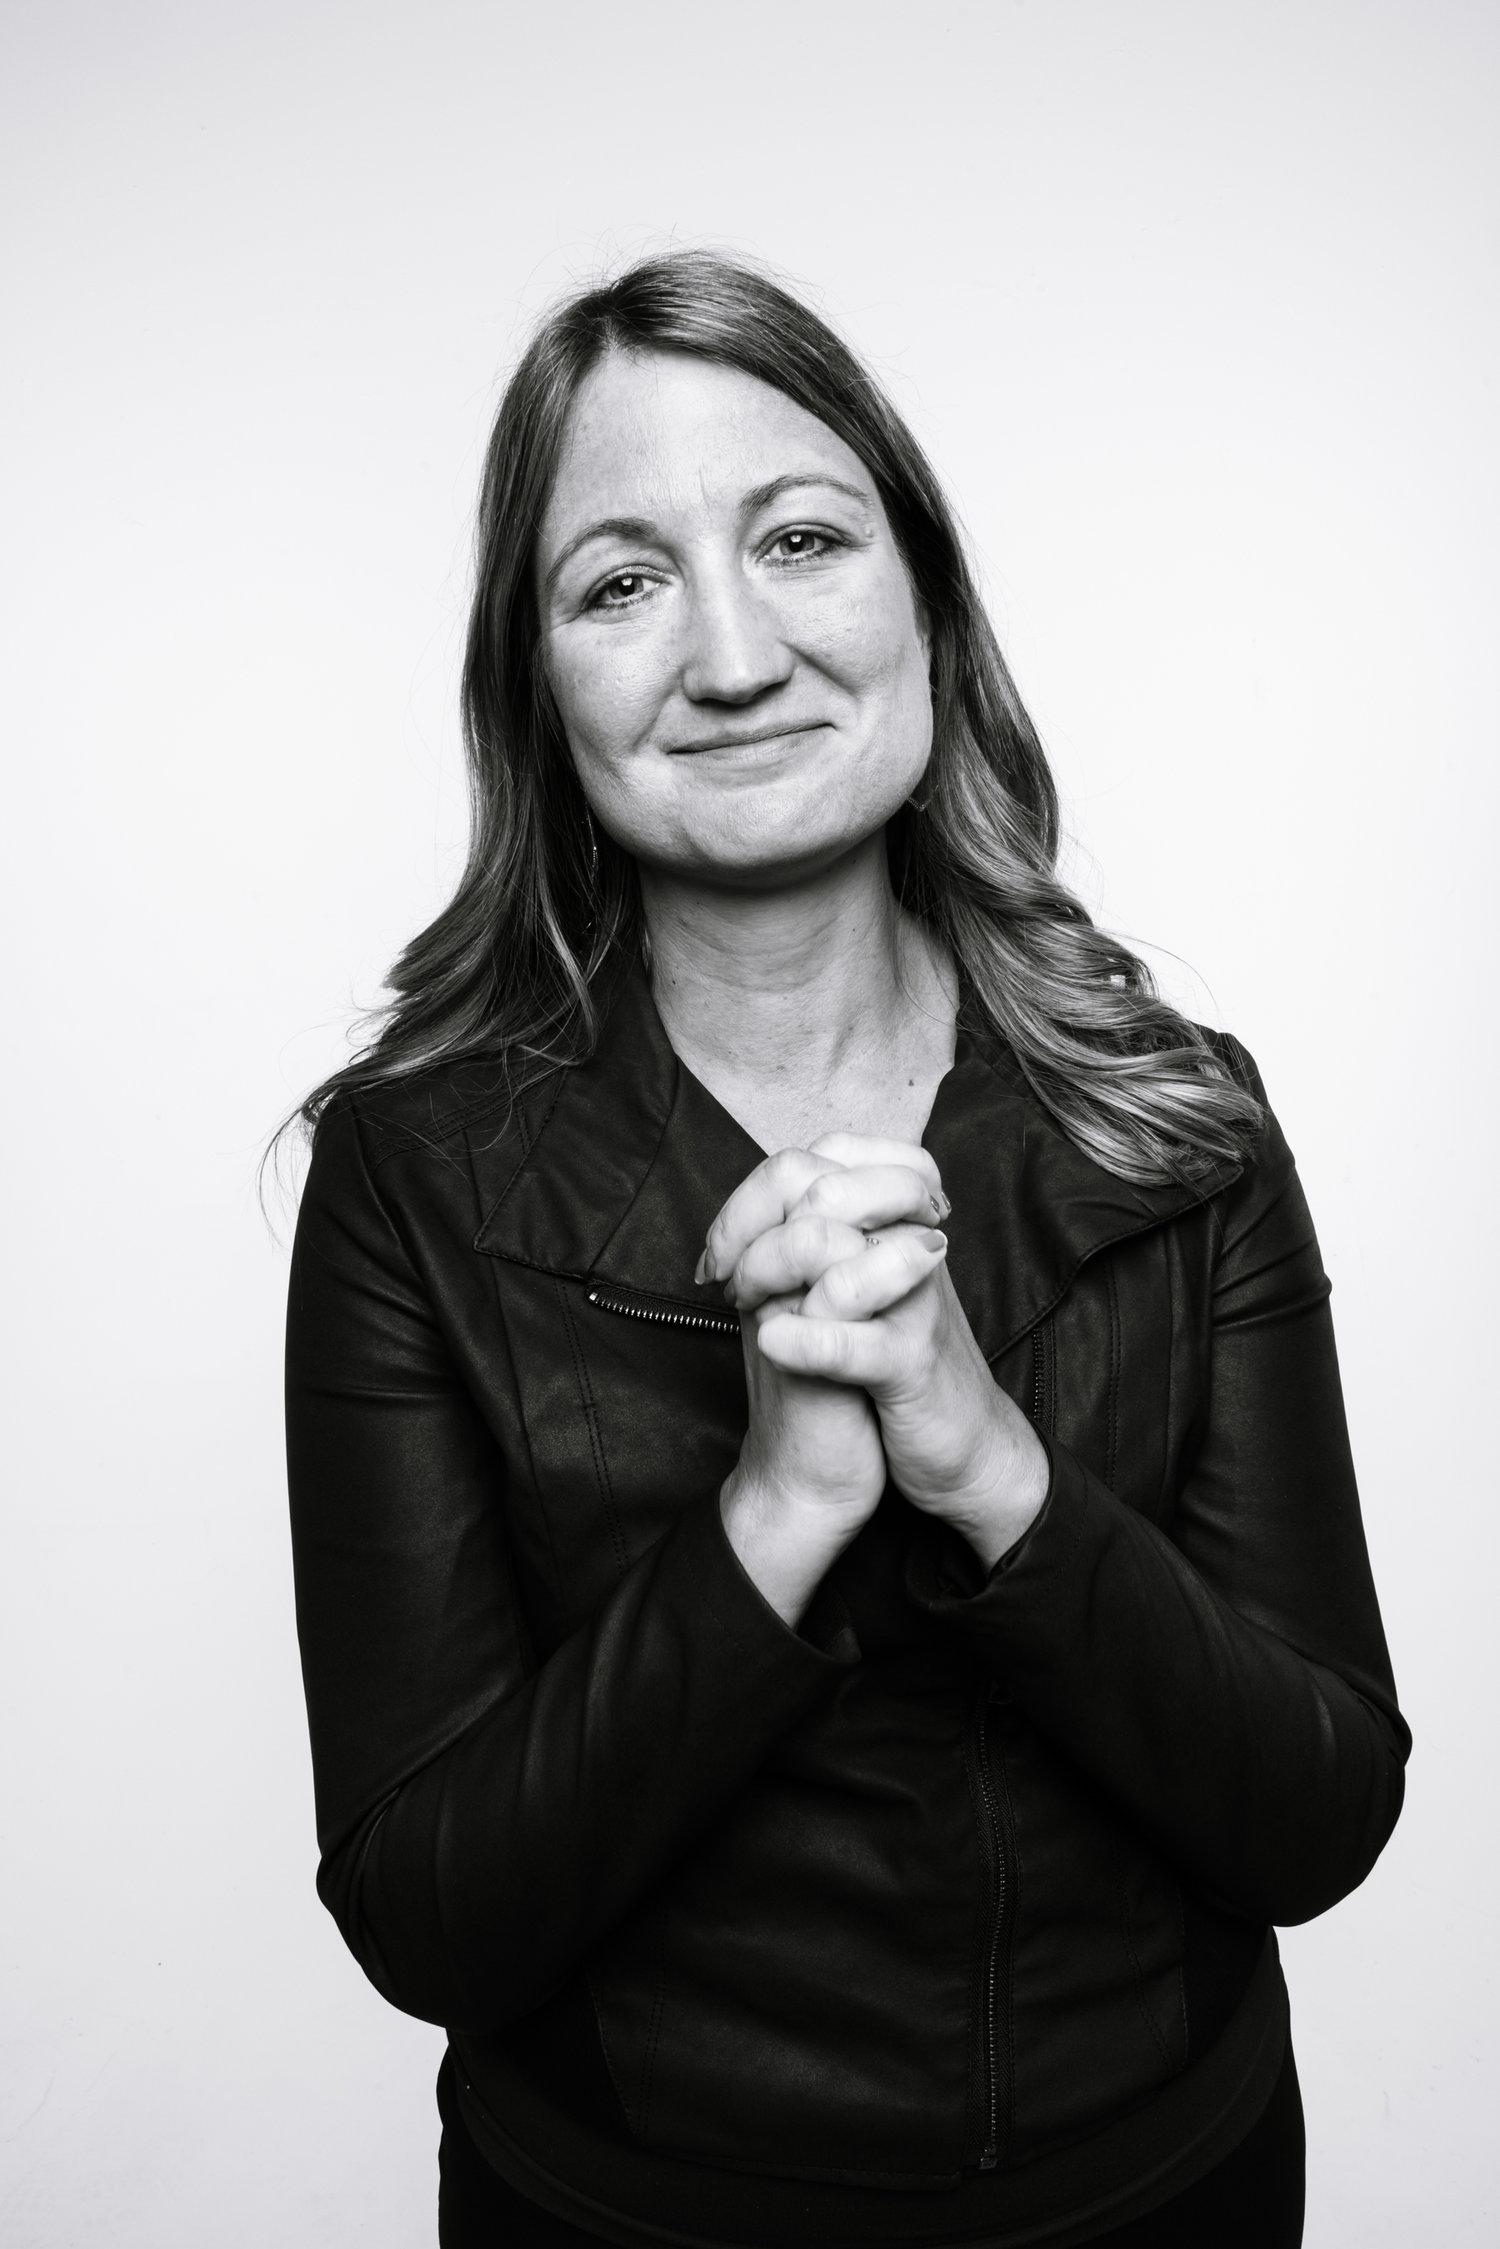 Dominique symone porn star